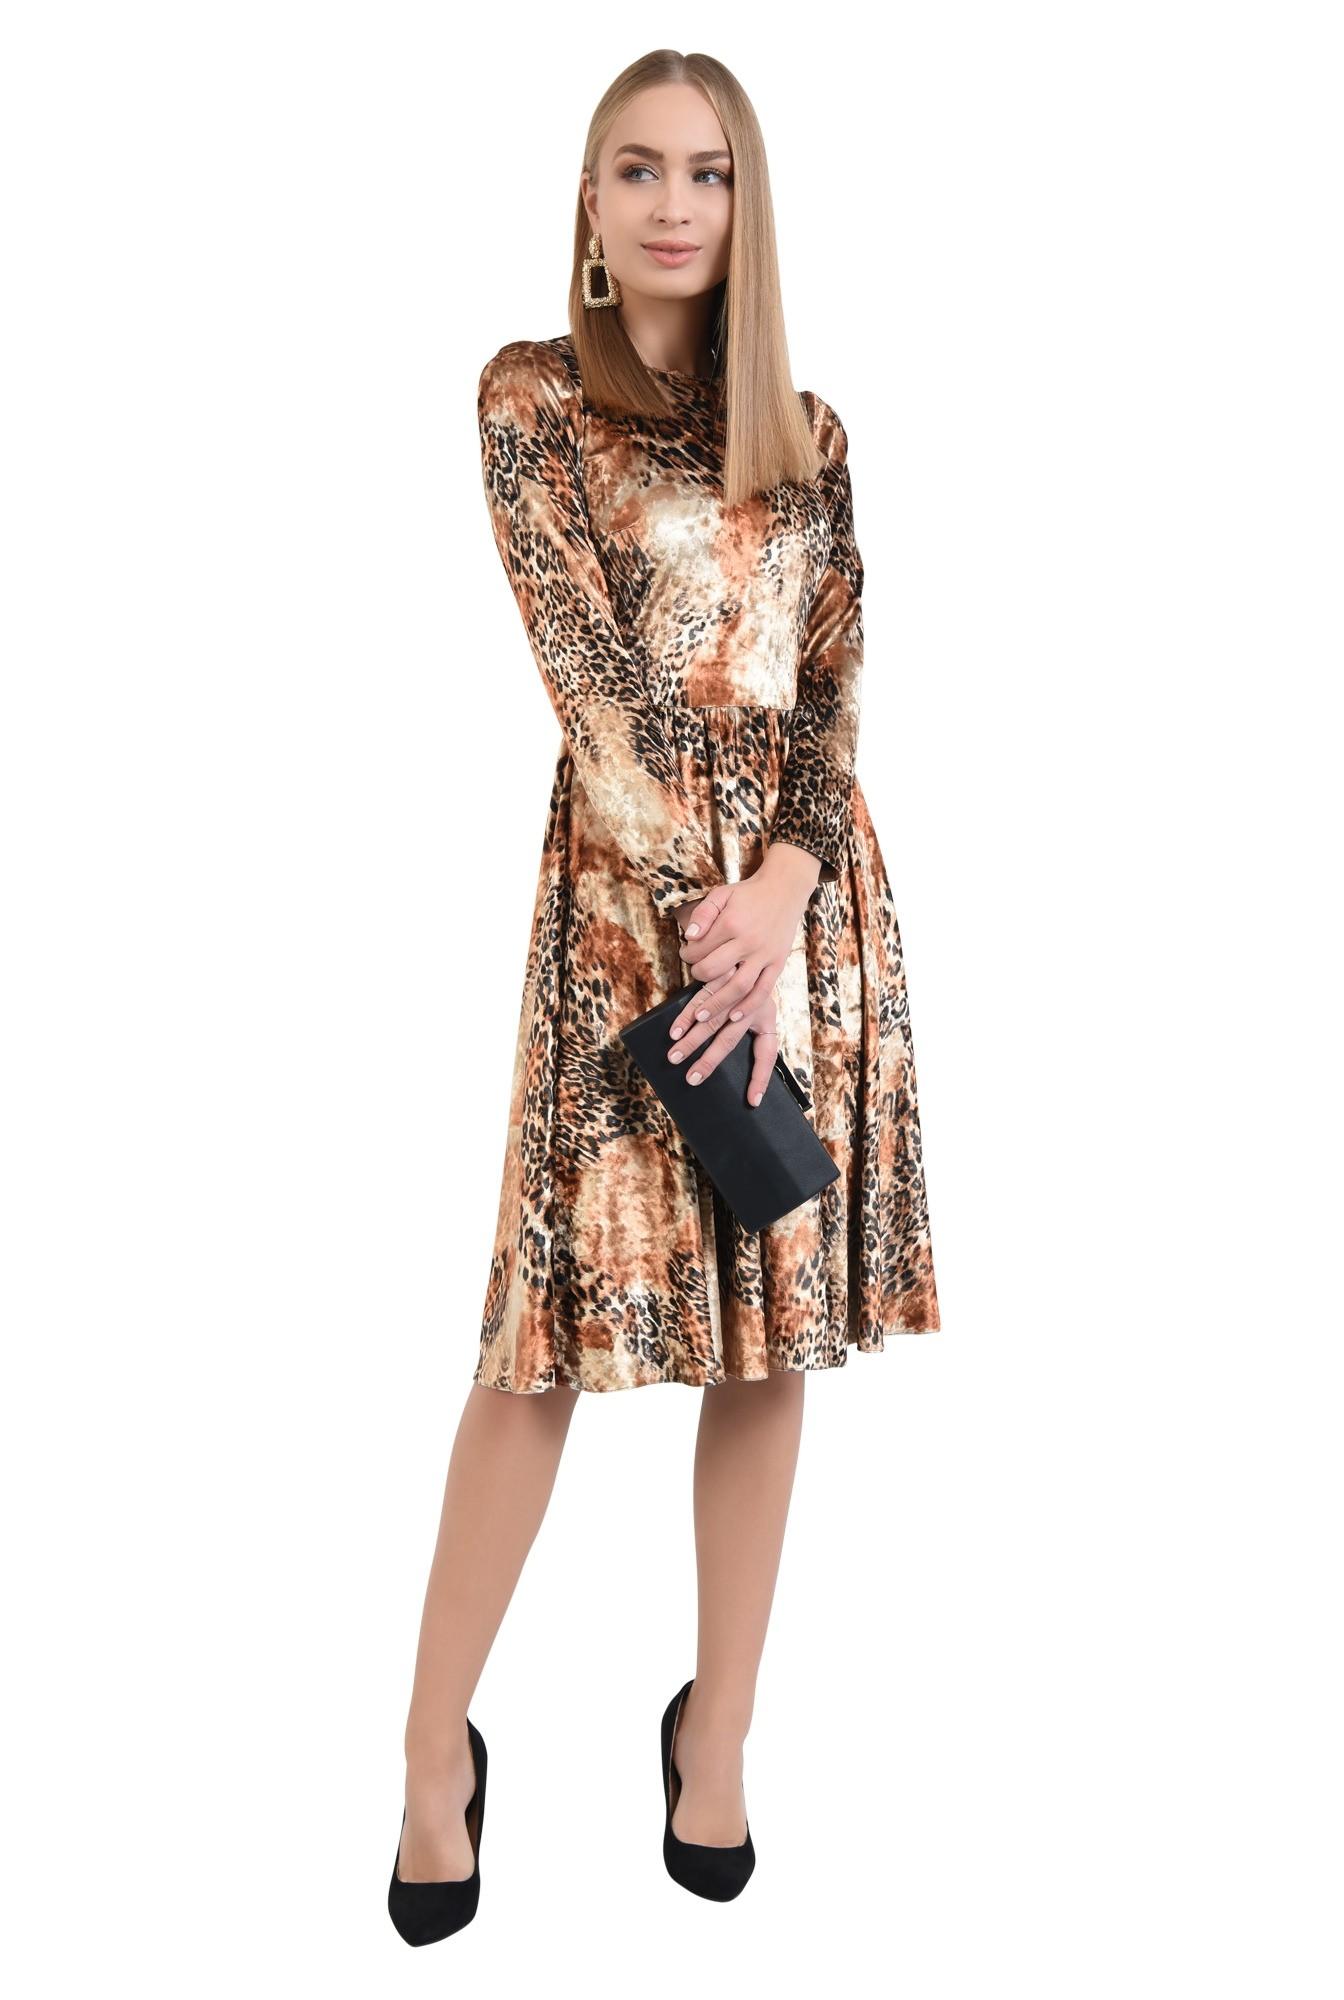 rochie eleganta, evazata, catifea imprimata, cusatura in talie, rascroiala rotunda la gat